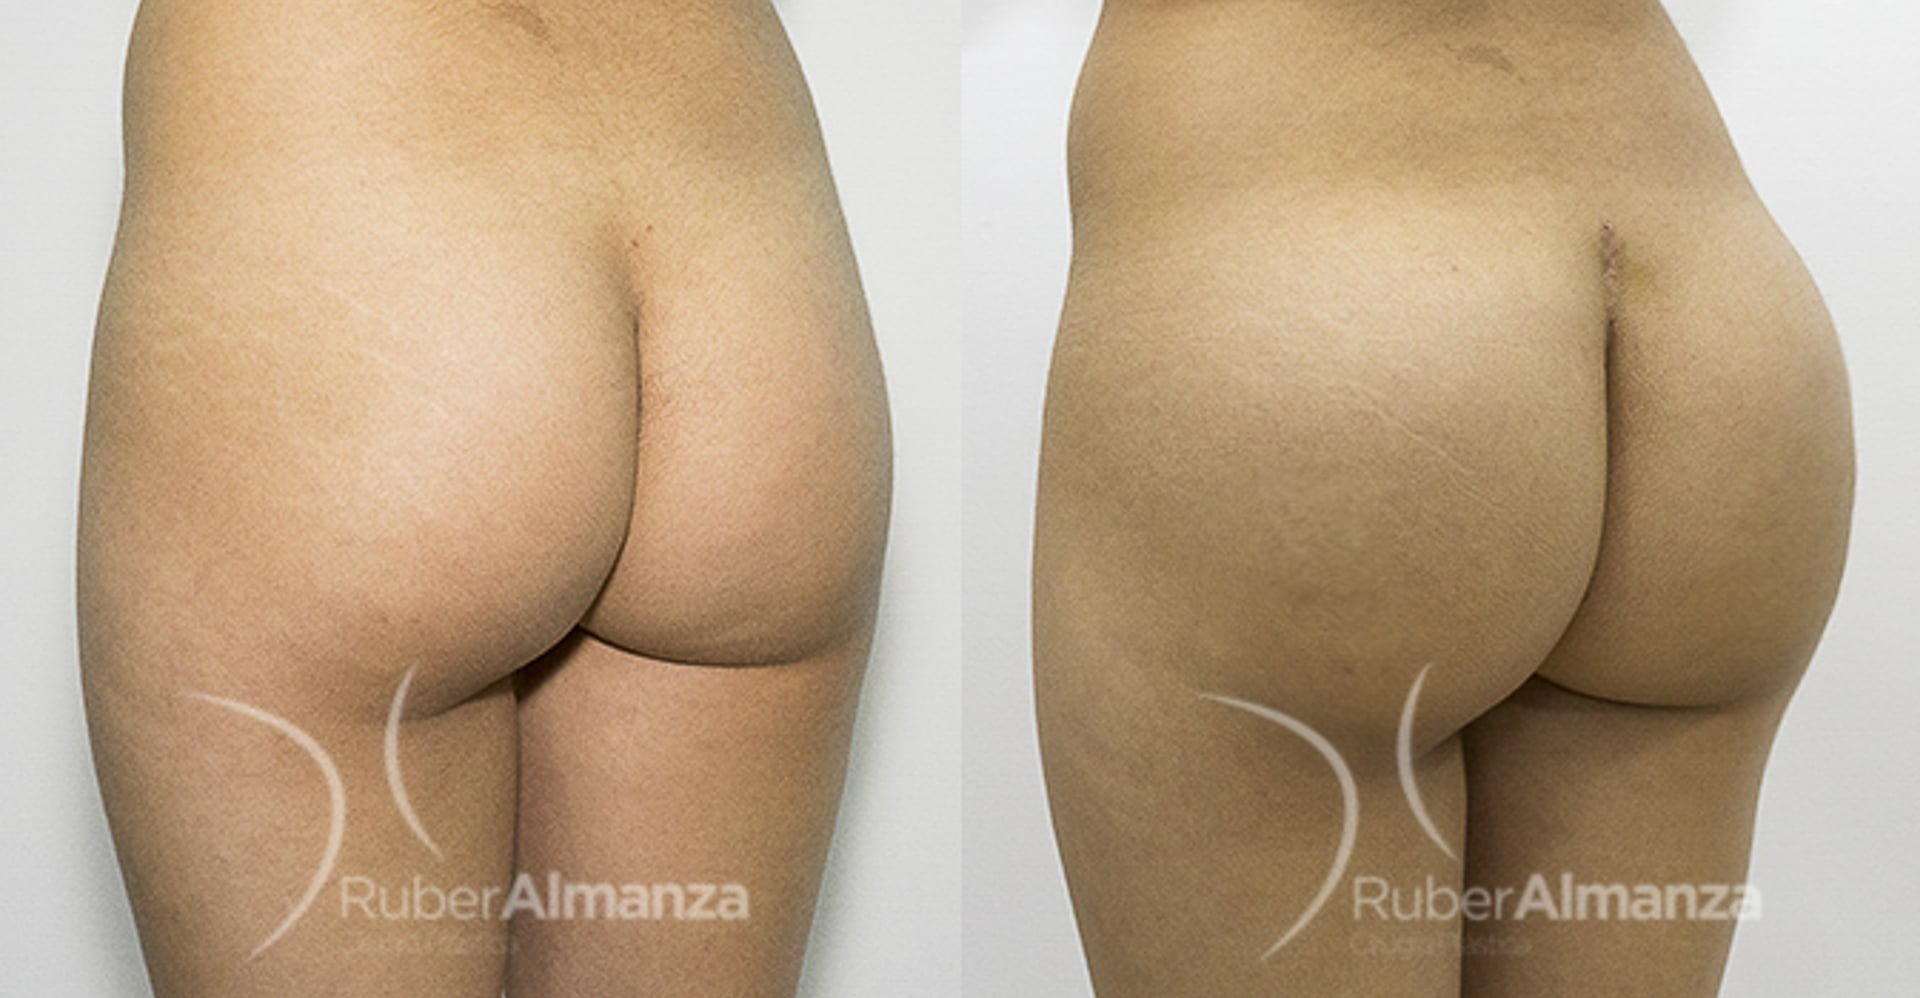 portada-caso-de-exito-gluteoplastia-ruber-almanza-bogota-colombia